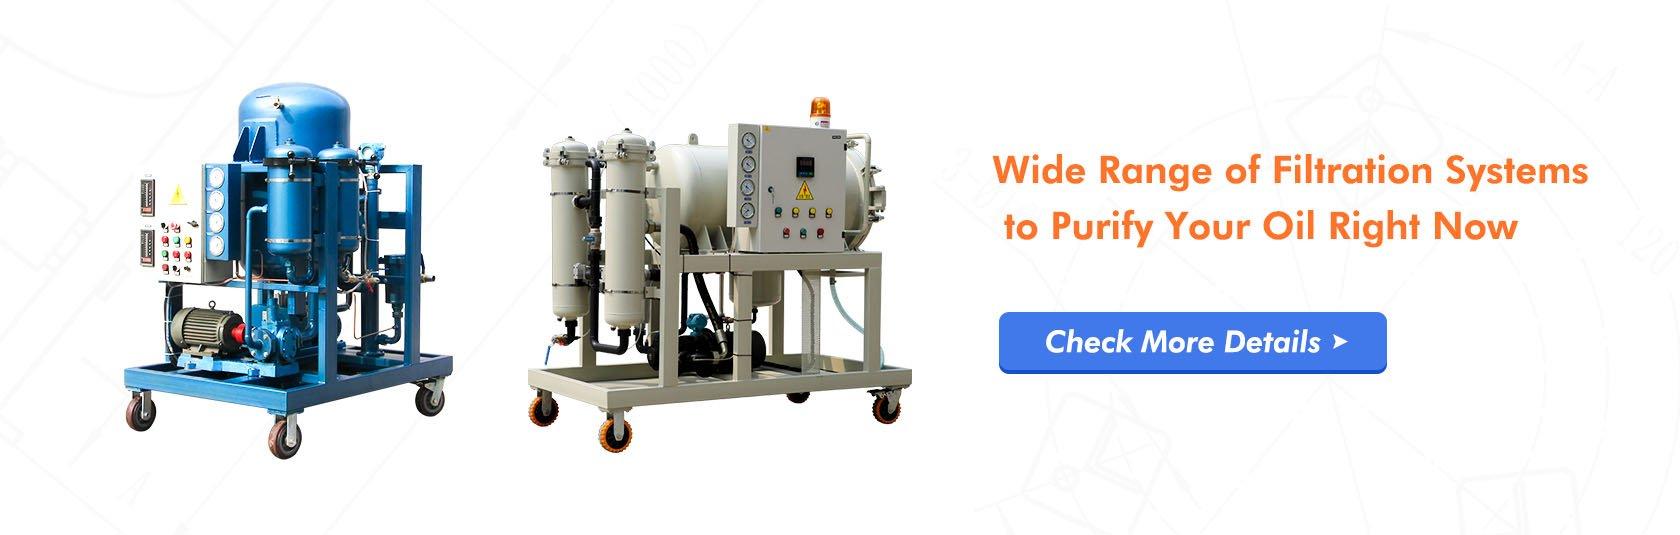 Oil-filtration-system-banner